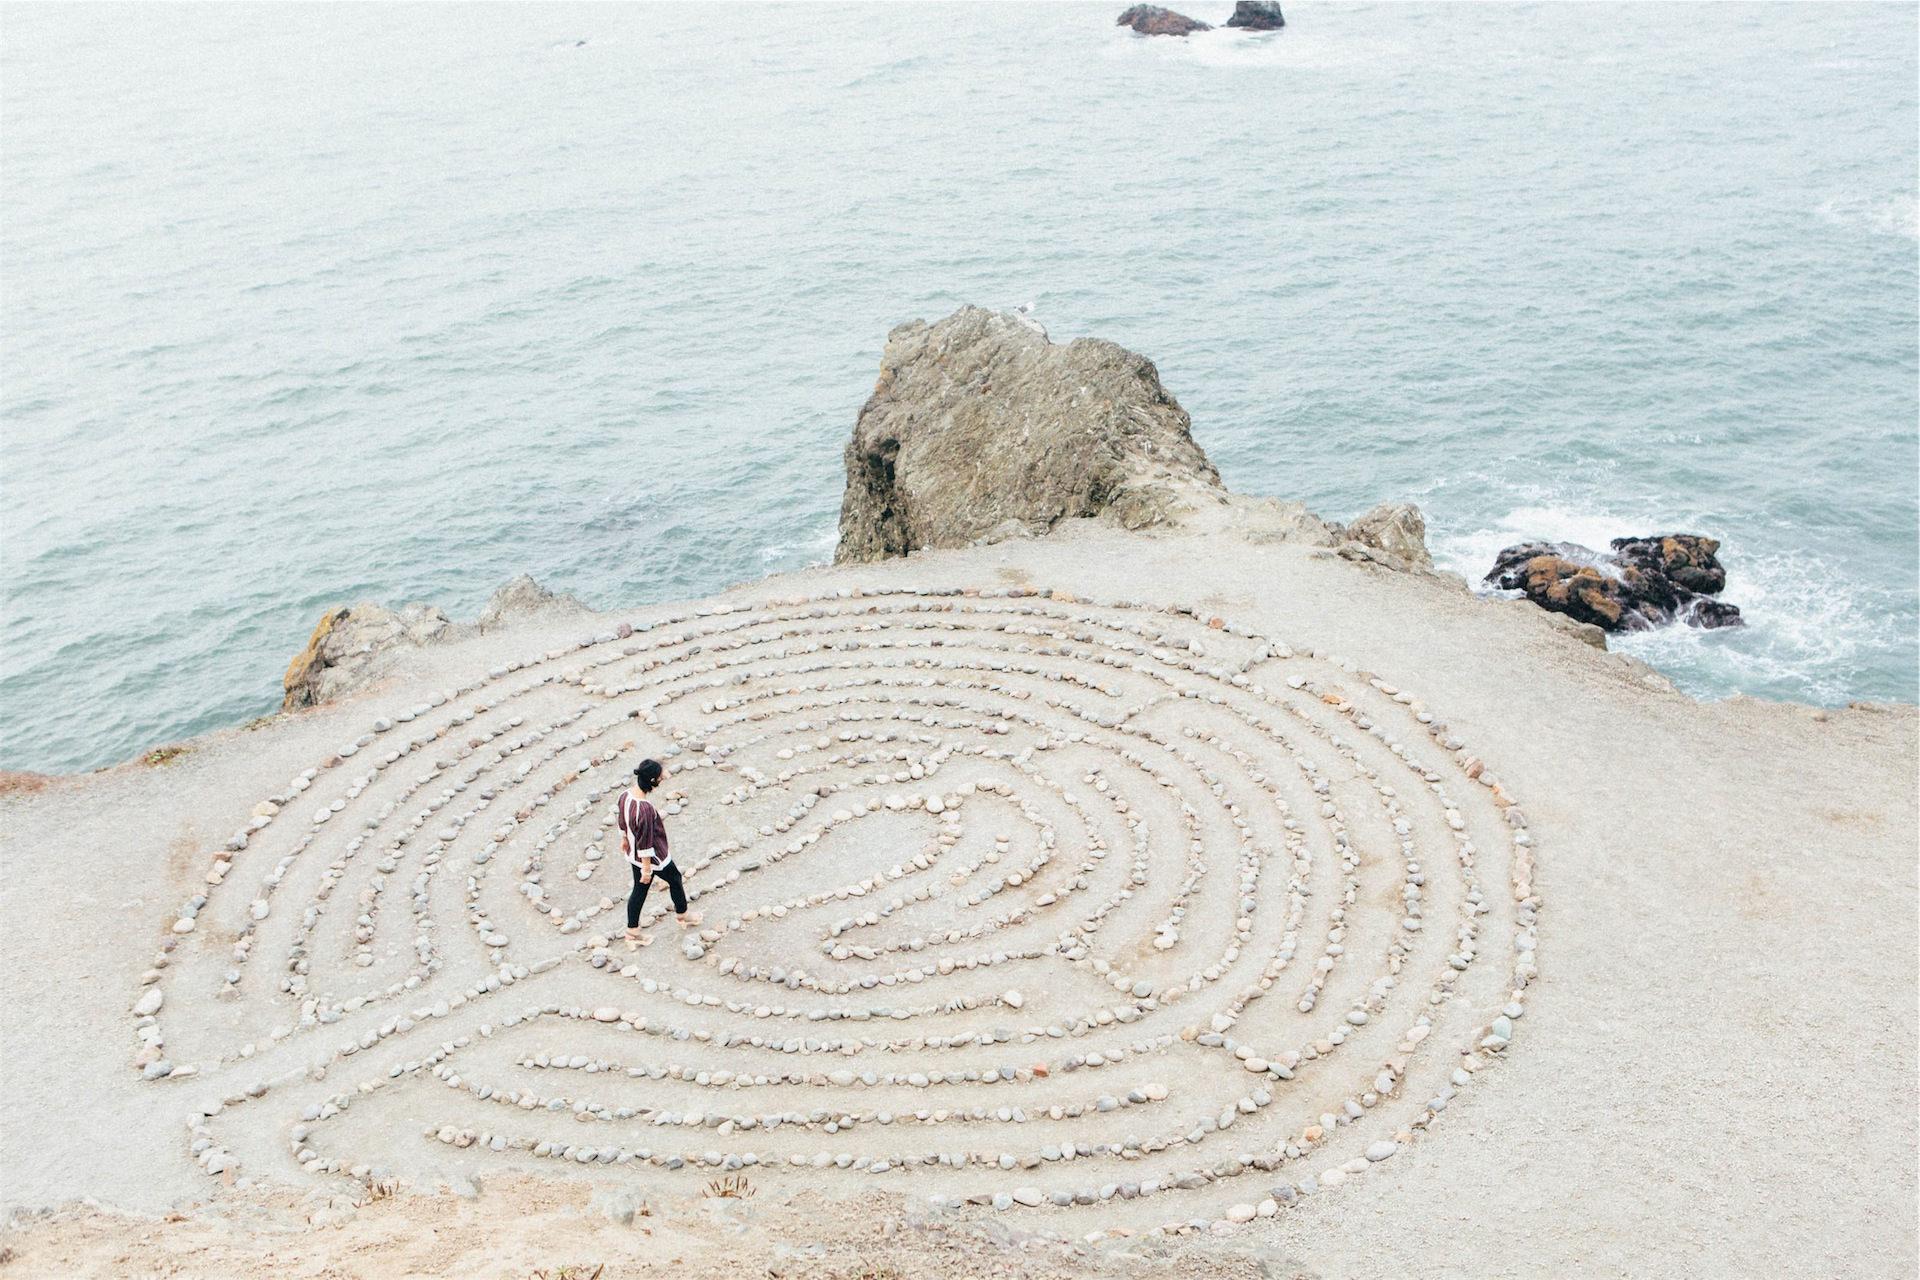 formas, figuras, piedras, mujer, mar - Fondos de Pantalla HD - professor-falken.com